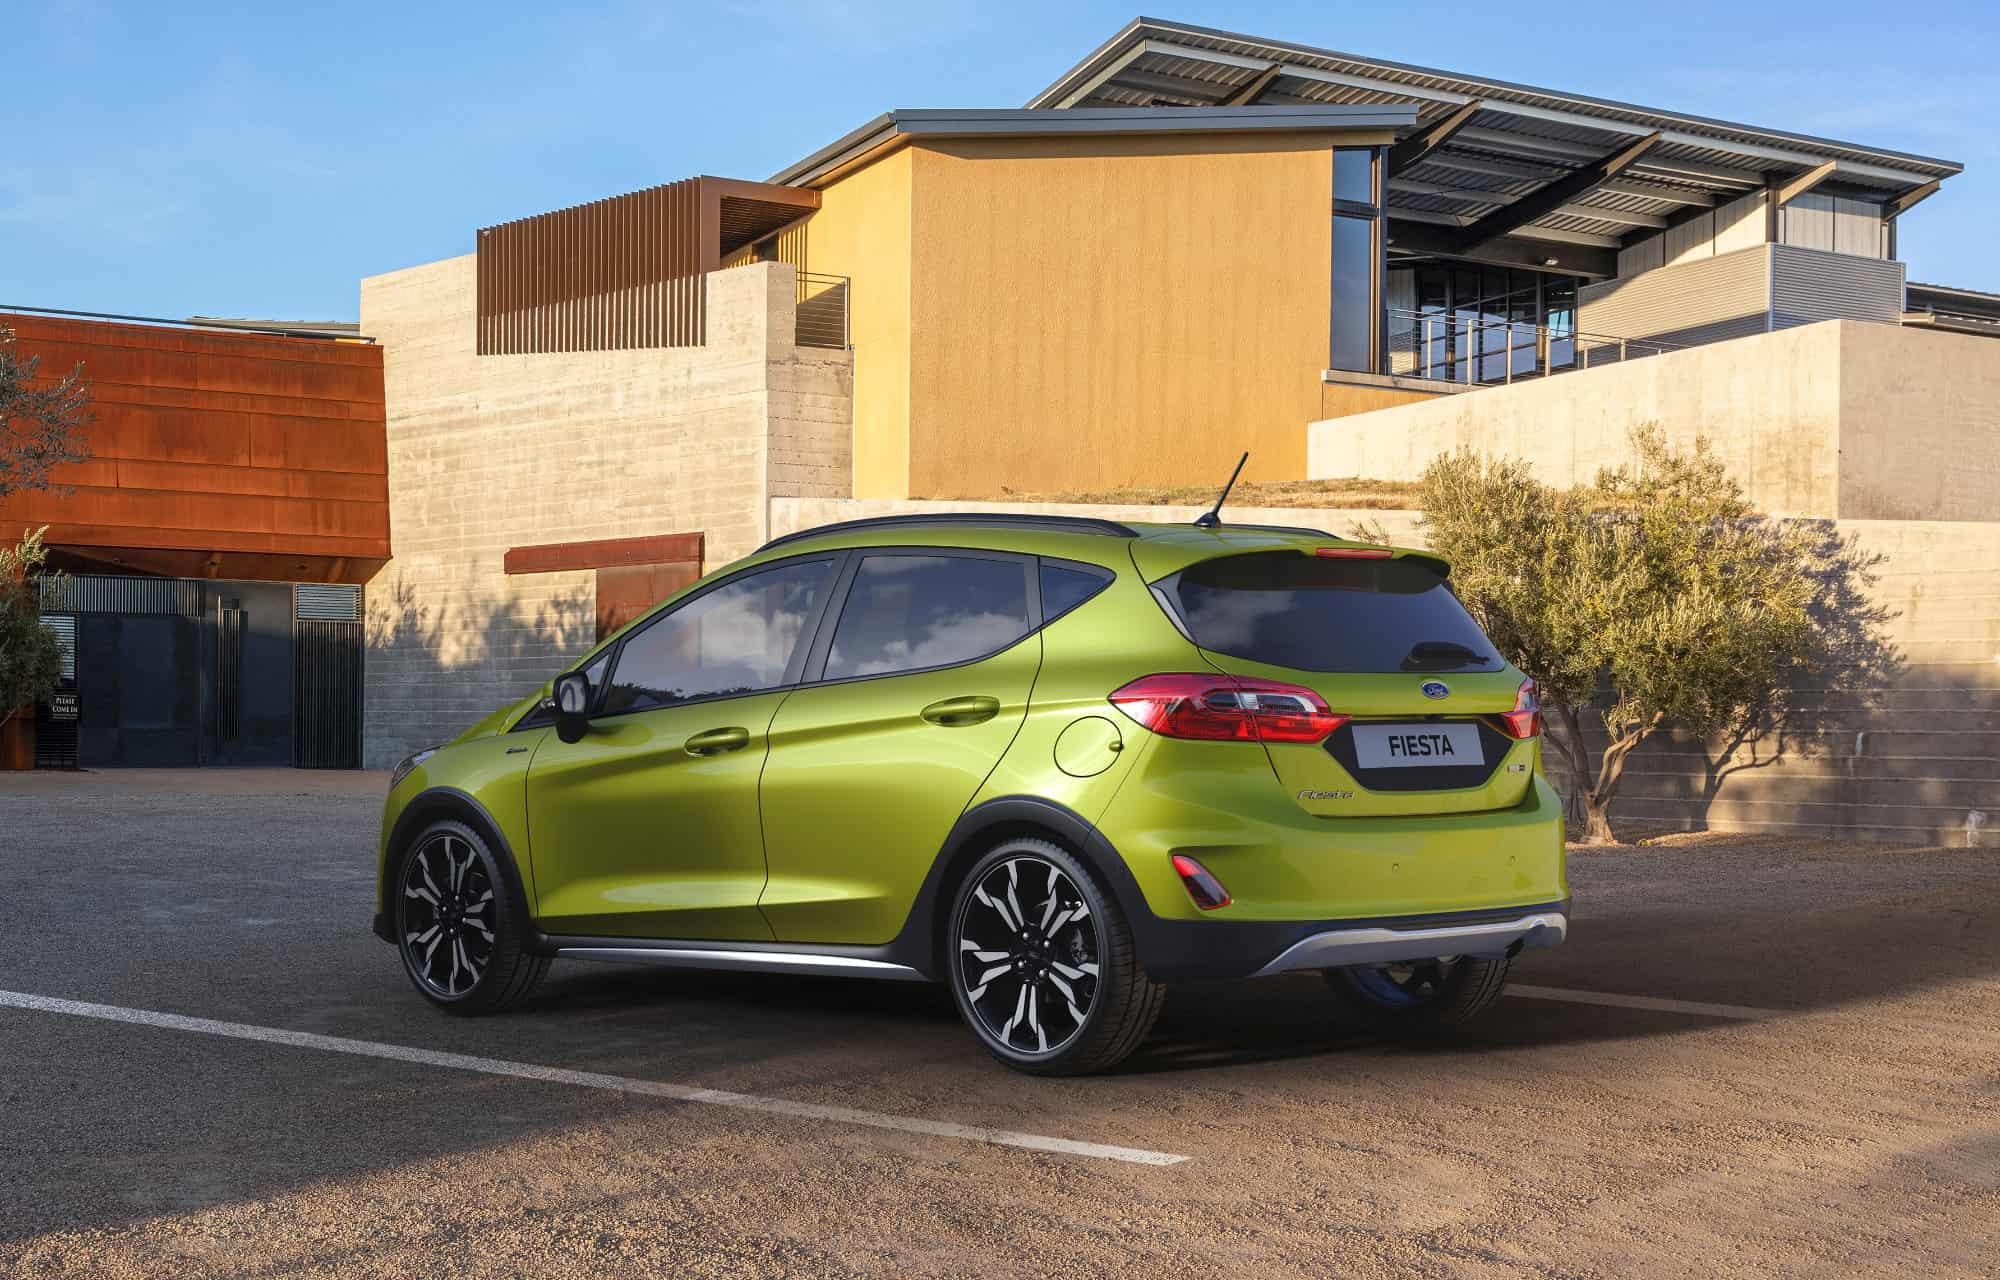 Grønn Ford Fiesta Hus